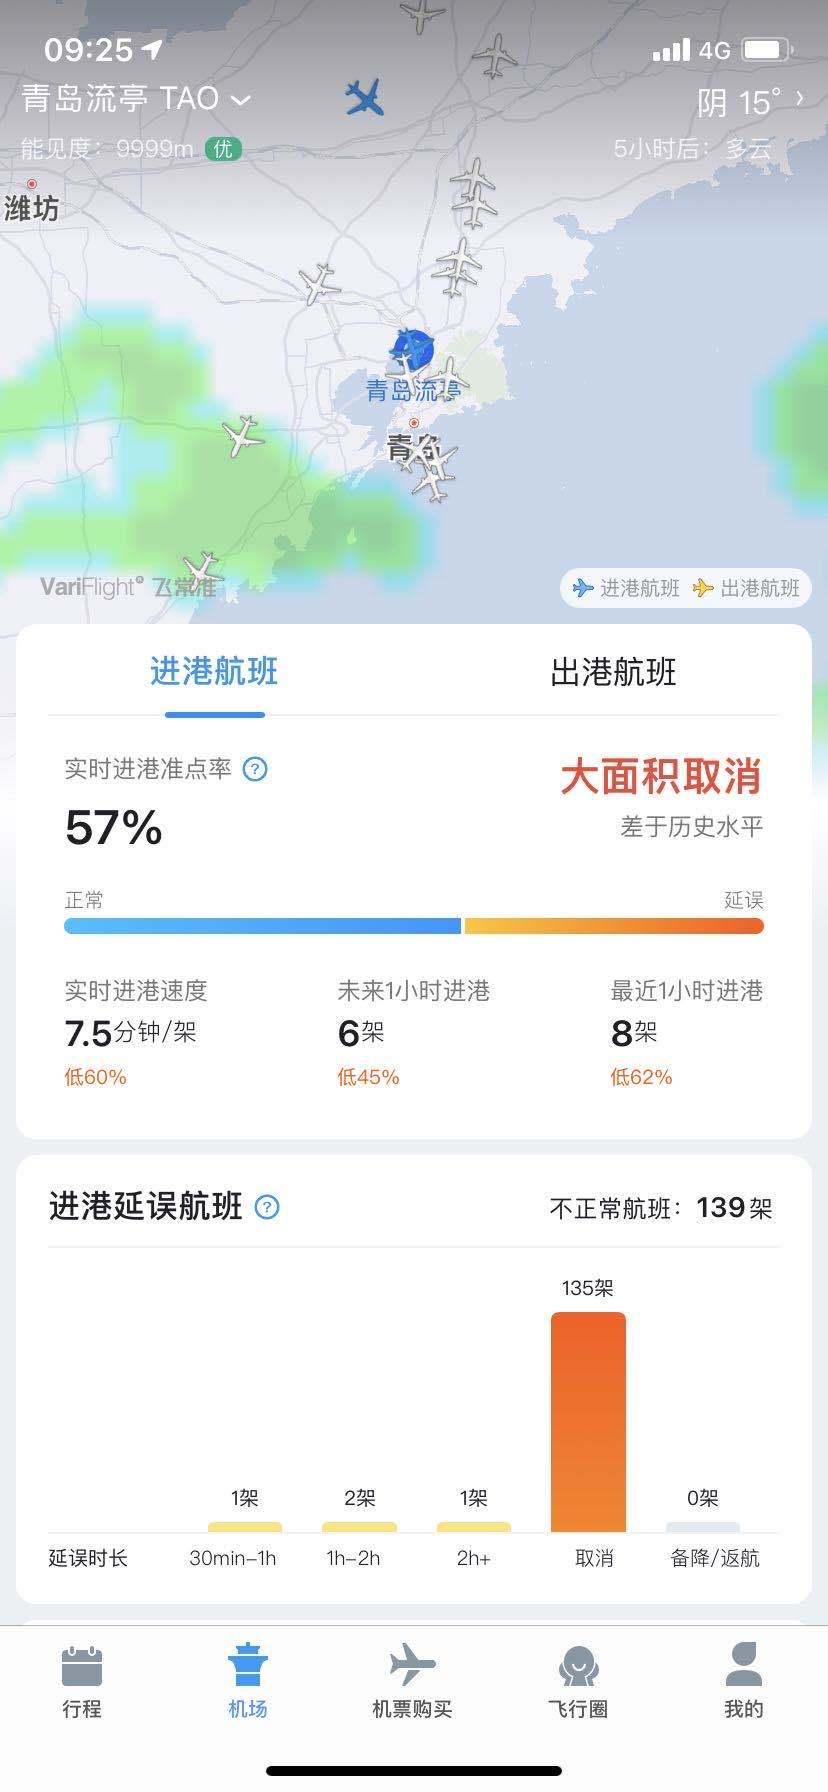 青岛流亭机场已取消243个收支口岸航班